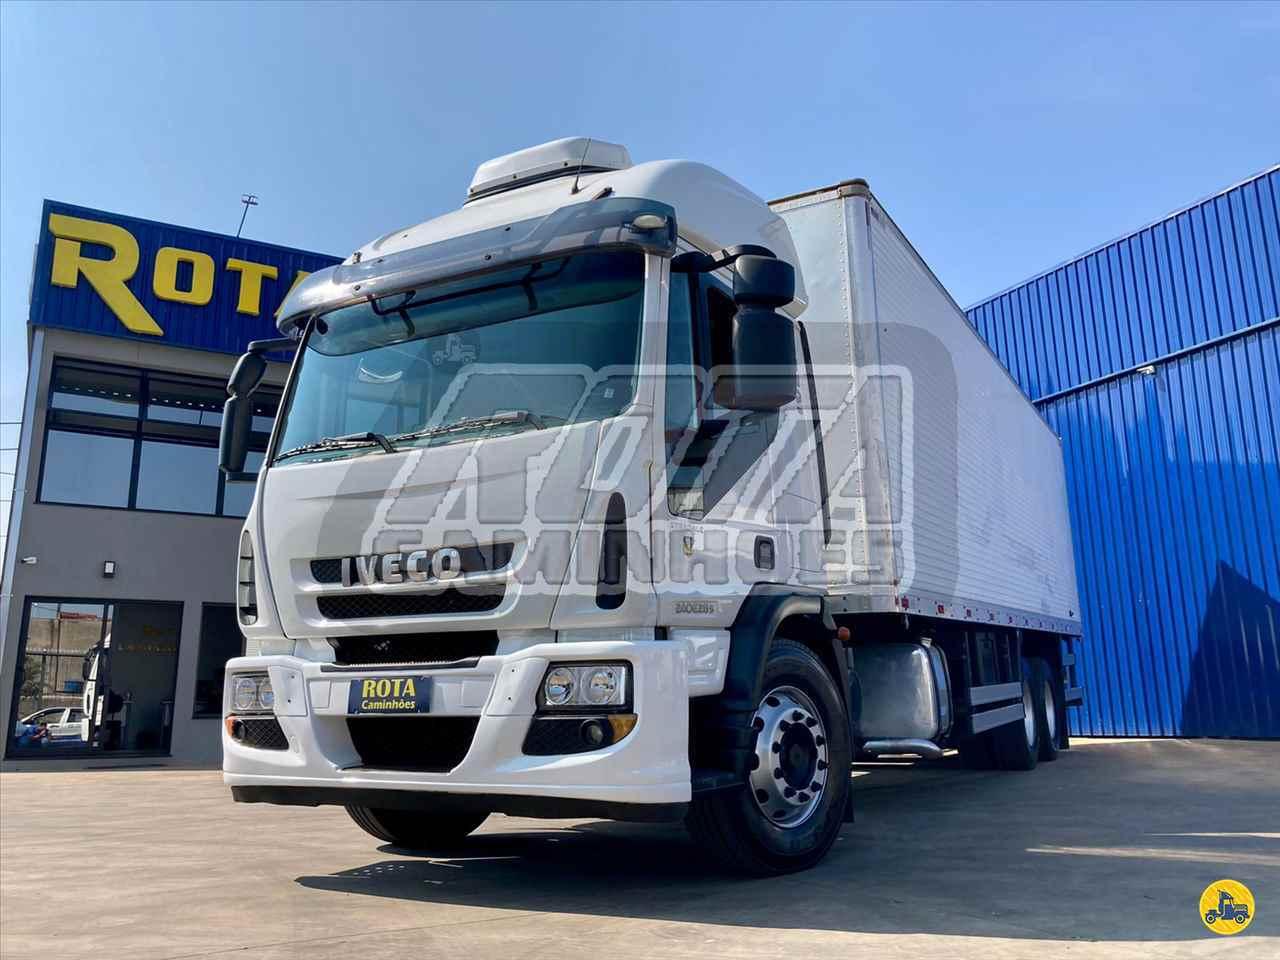 CAMINHAO IVECO TECTOR 240E28 Baú Furgão Truck 6x2 Rota Caminhões SUMARE SÃO PAULO SP